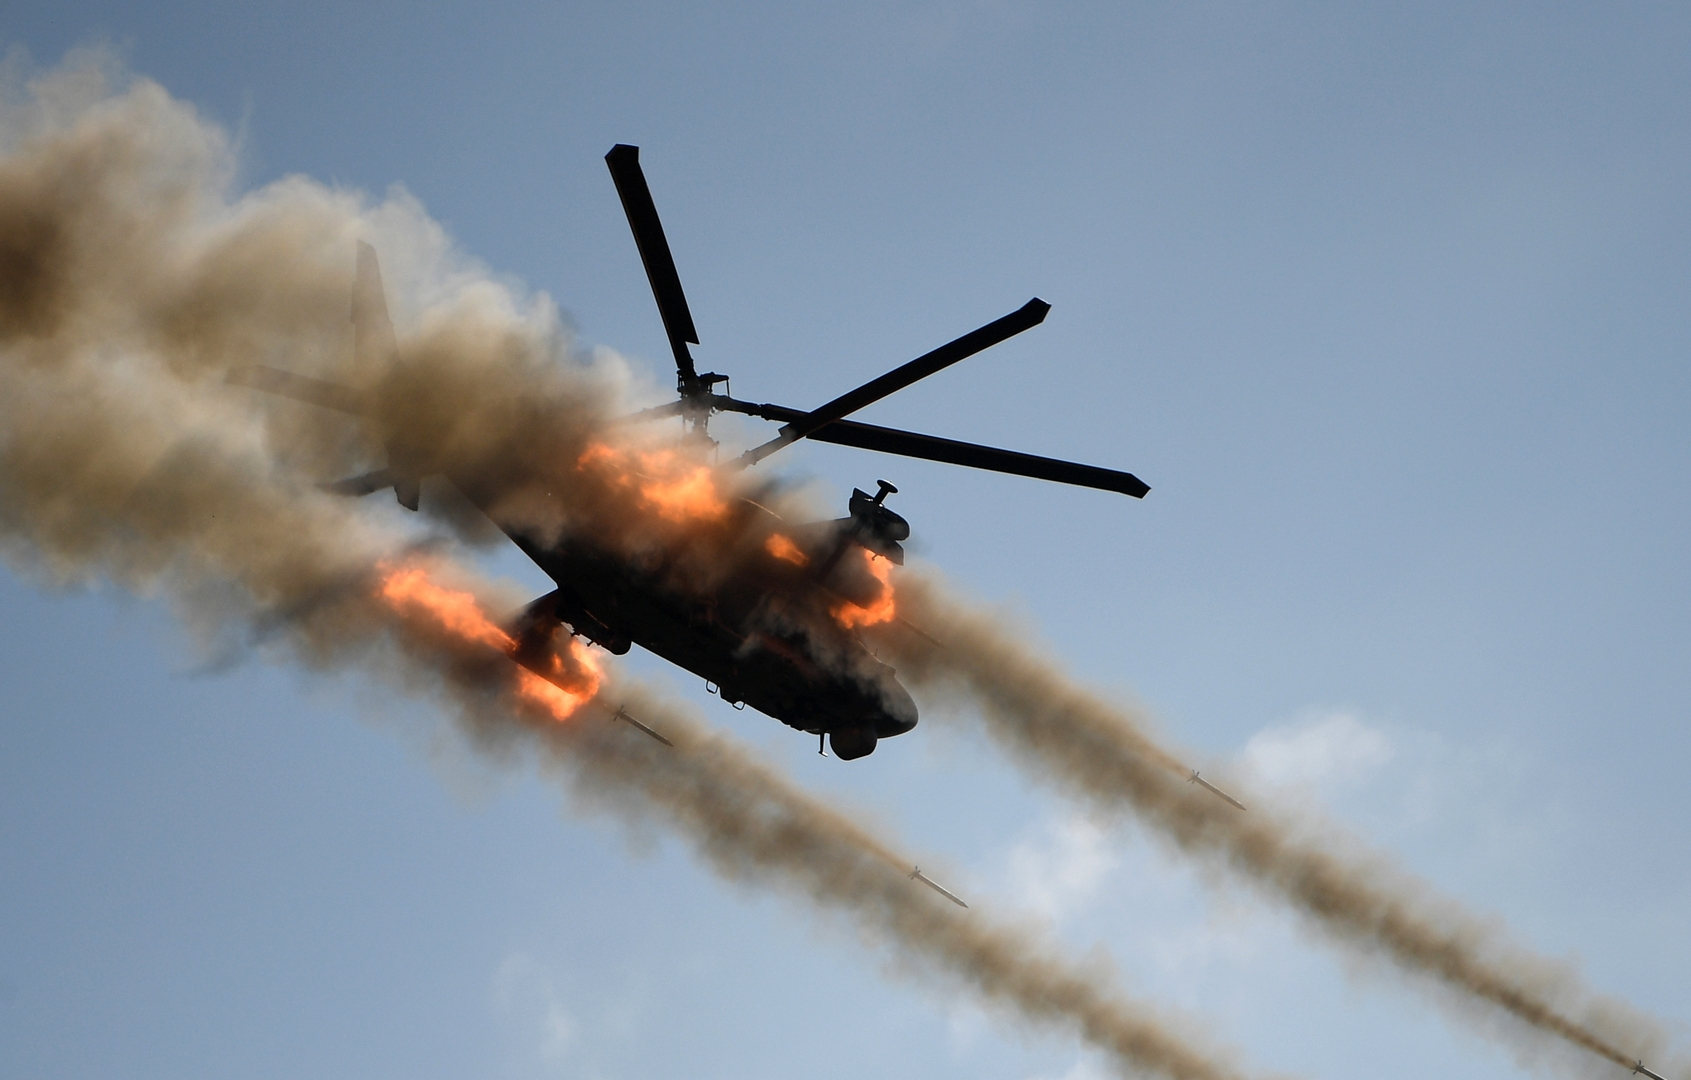 تحطم مروحيتين جنوب بنغازي أثناء تدريبات ومصرع طاقم إحداهما (صورة)